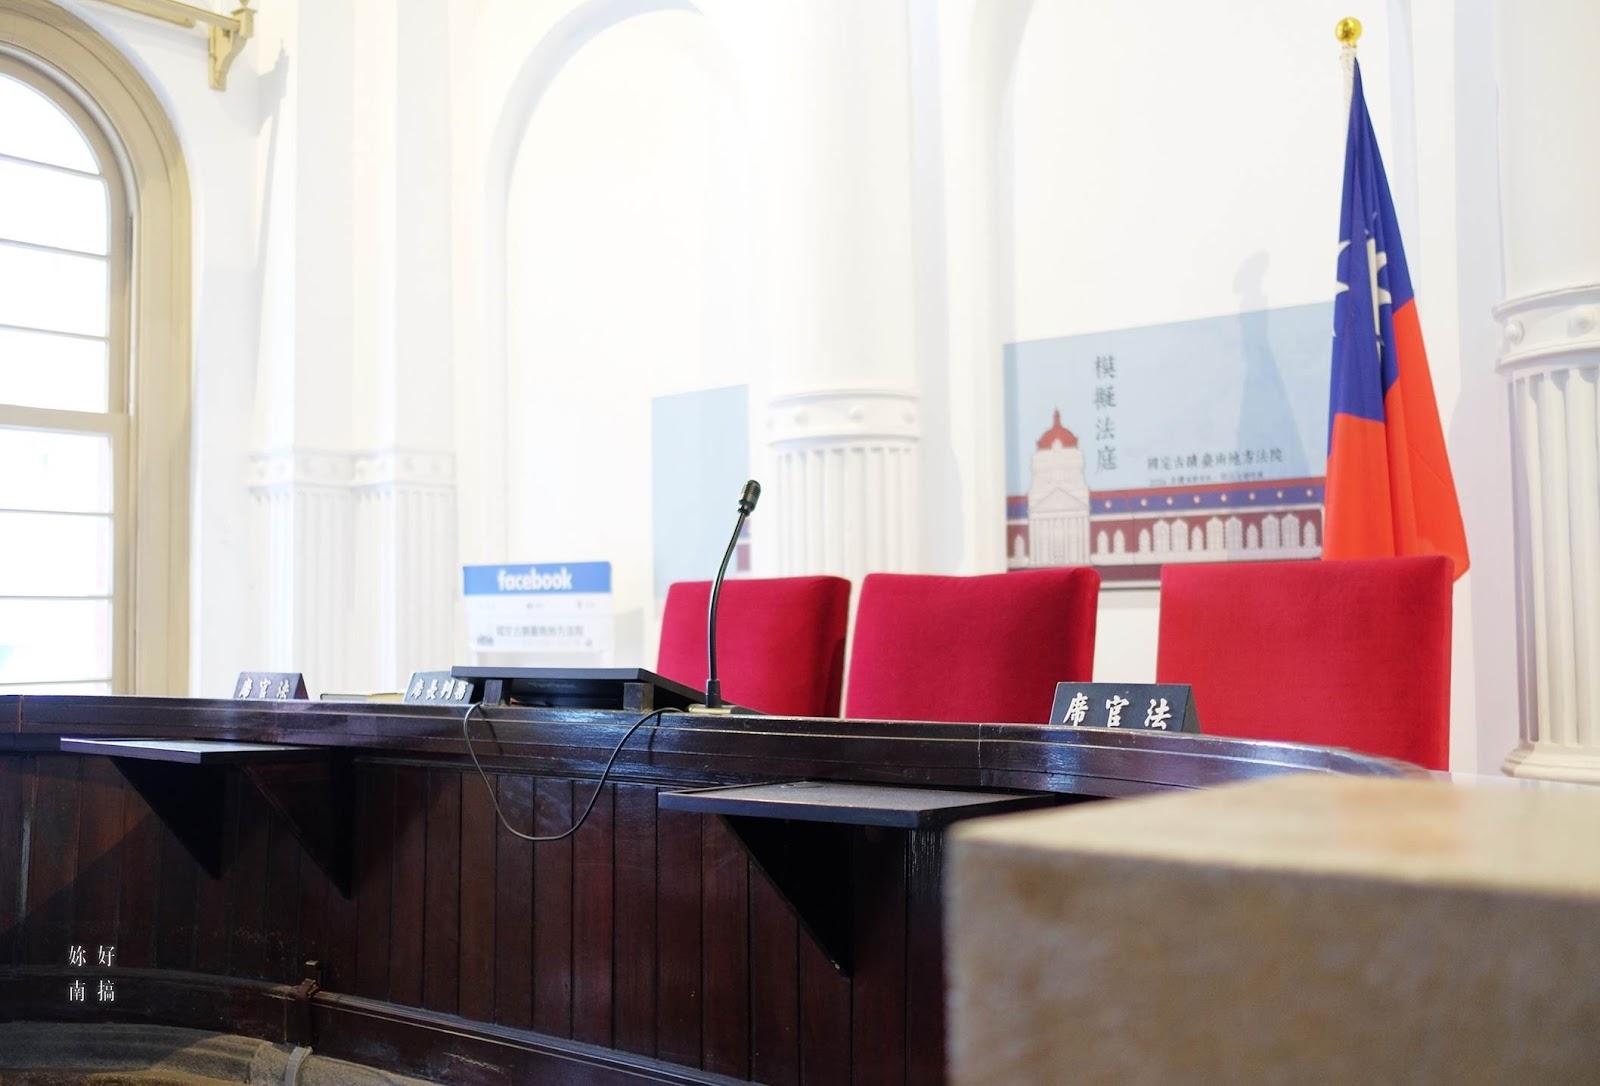 不妨親身坐上法官席來感受法院情境